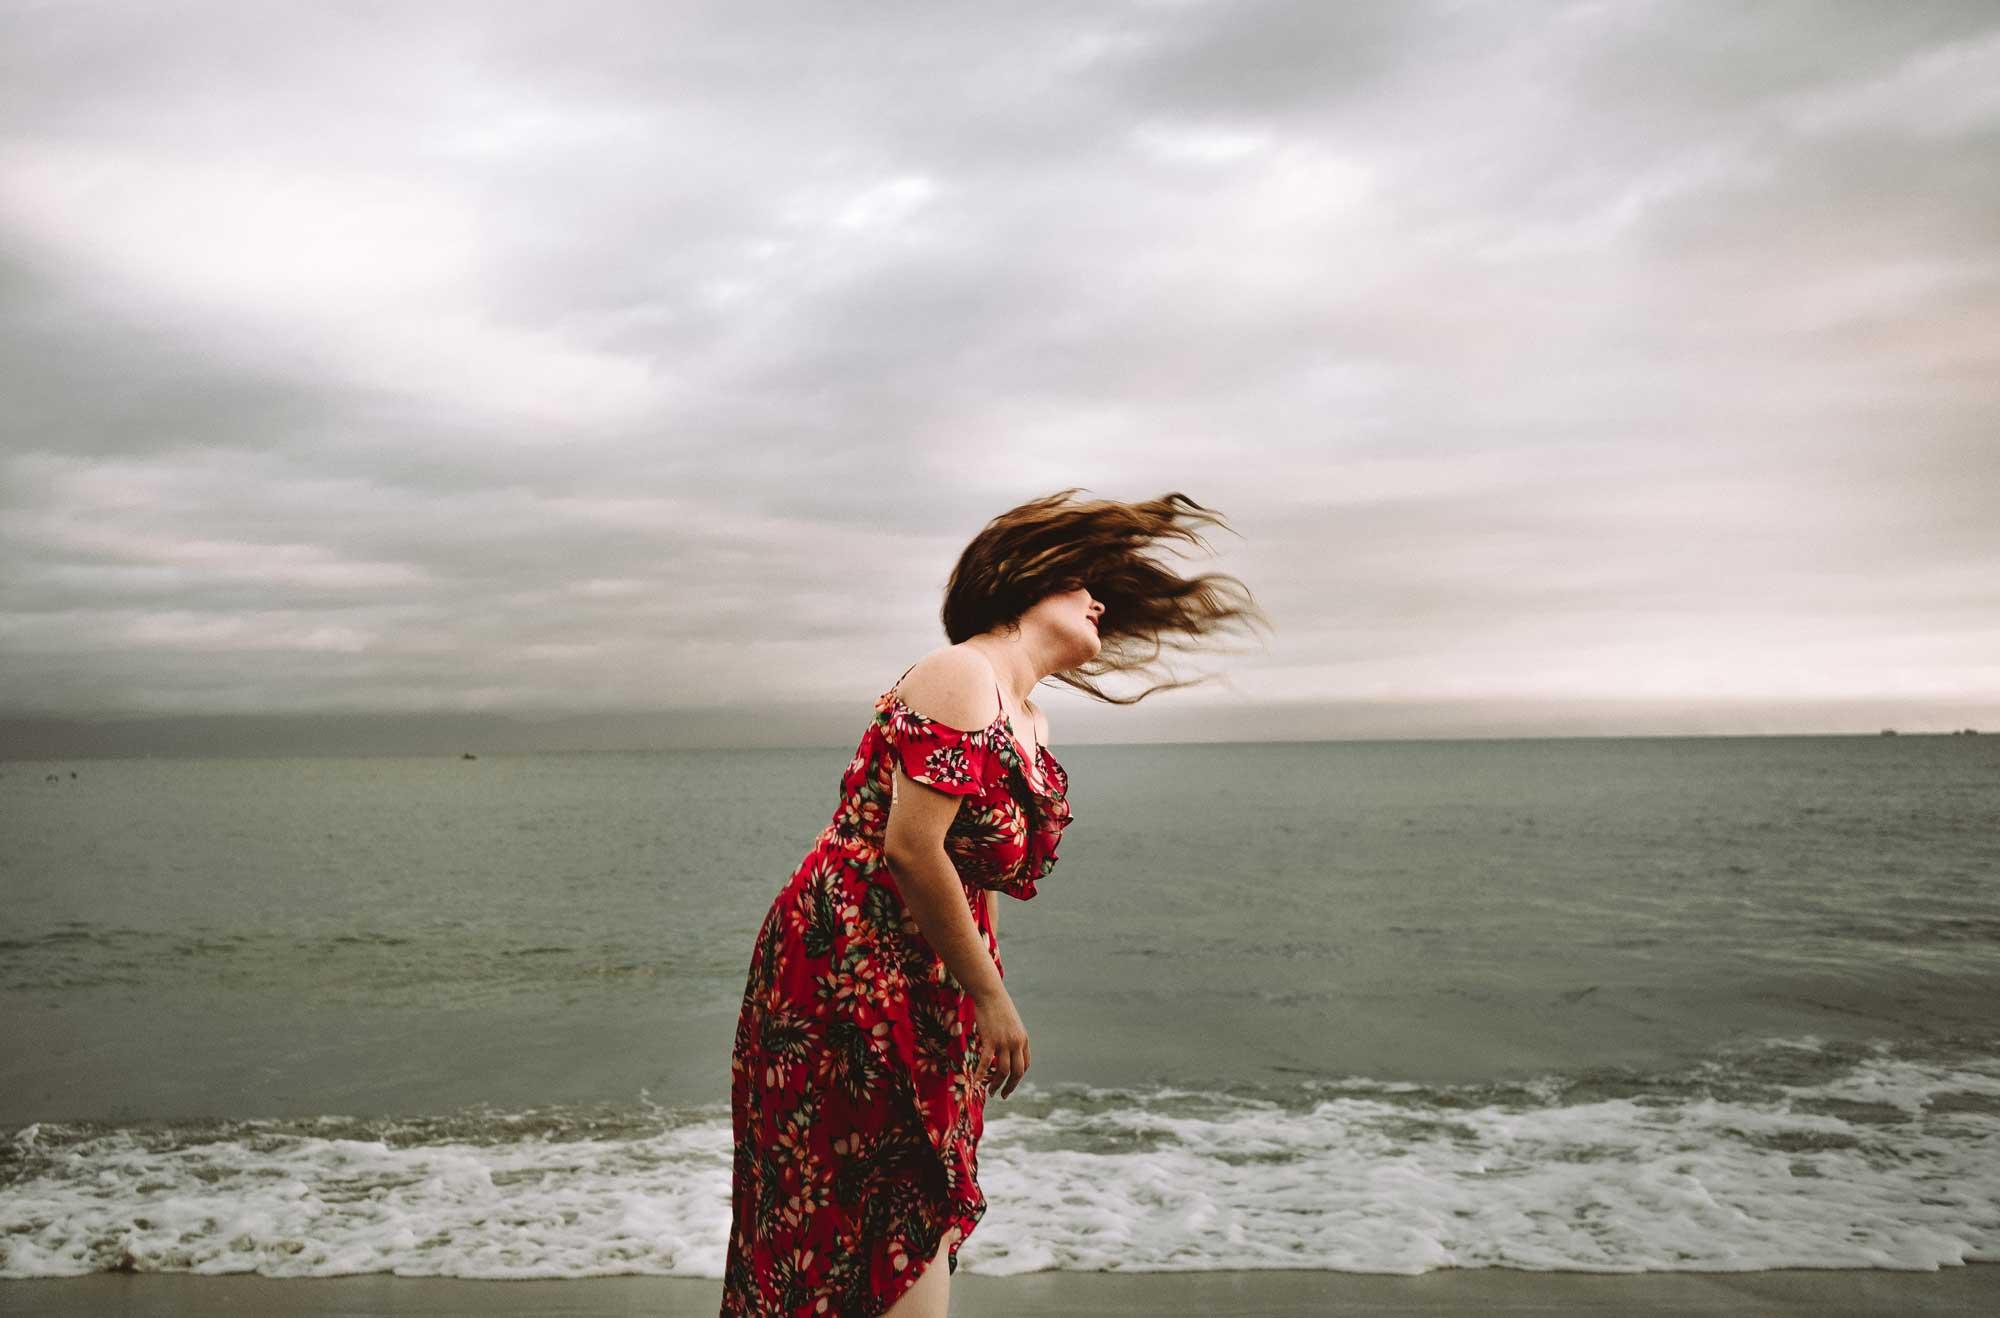 elena-barbosa--light-walkers-photografilm--workshops-cursos-de-fotografia-fotofest--saltillo-coahuila--mx15